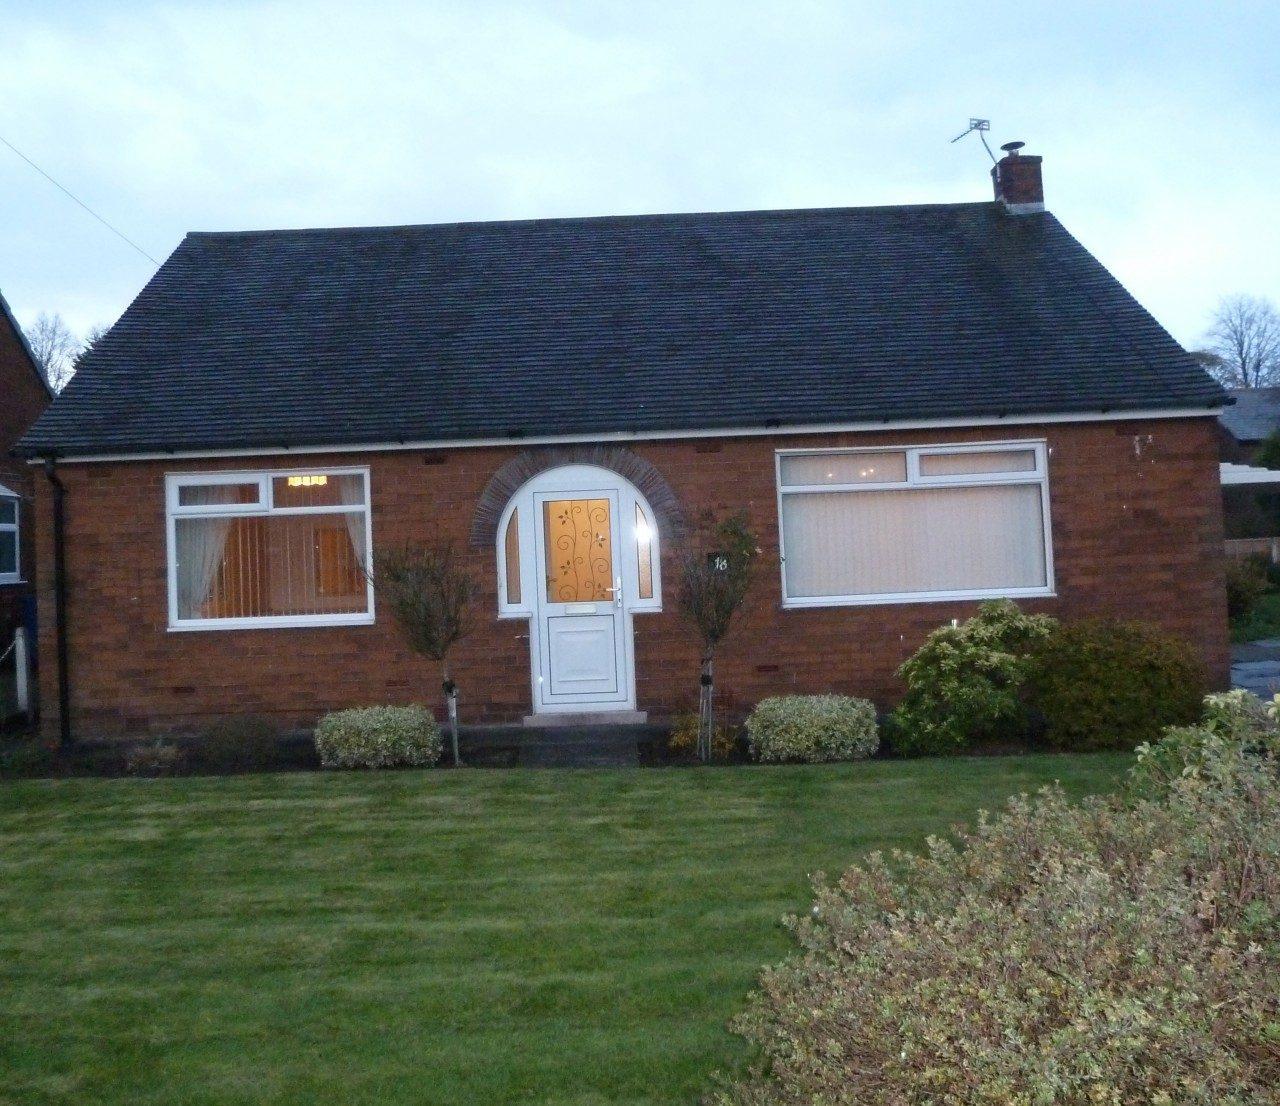 3 Bedroom House Rent Looking: 3 Bedroom Bungalow To Rent In Wigan